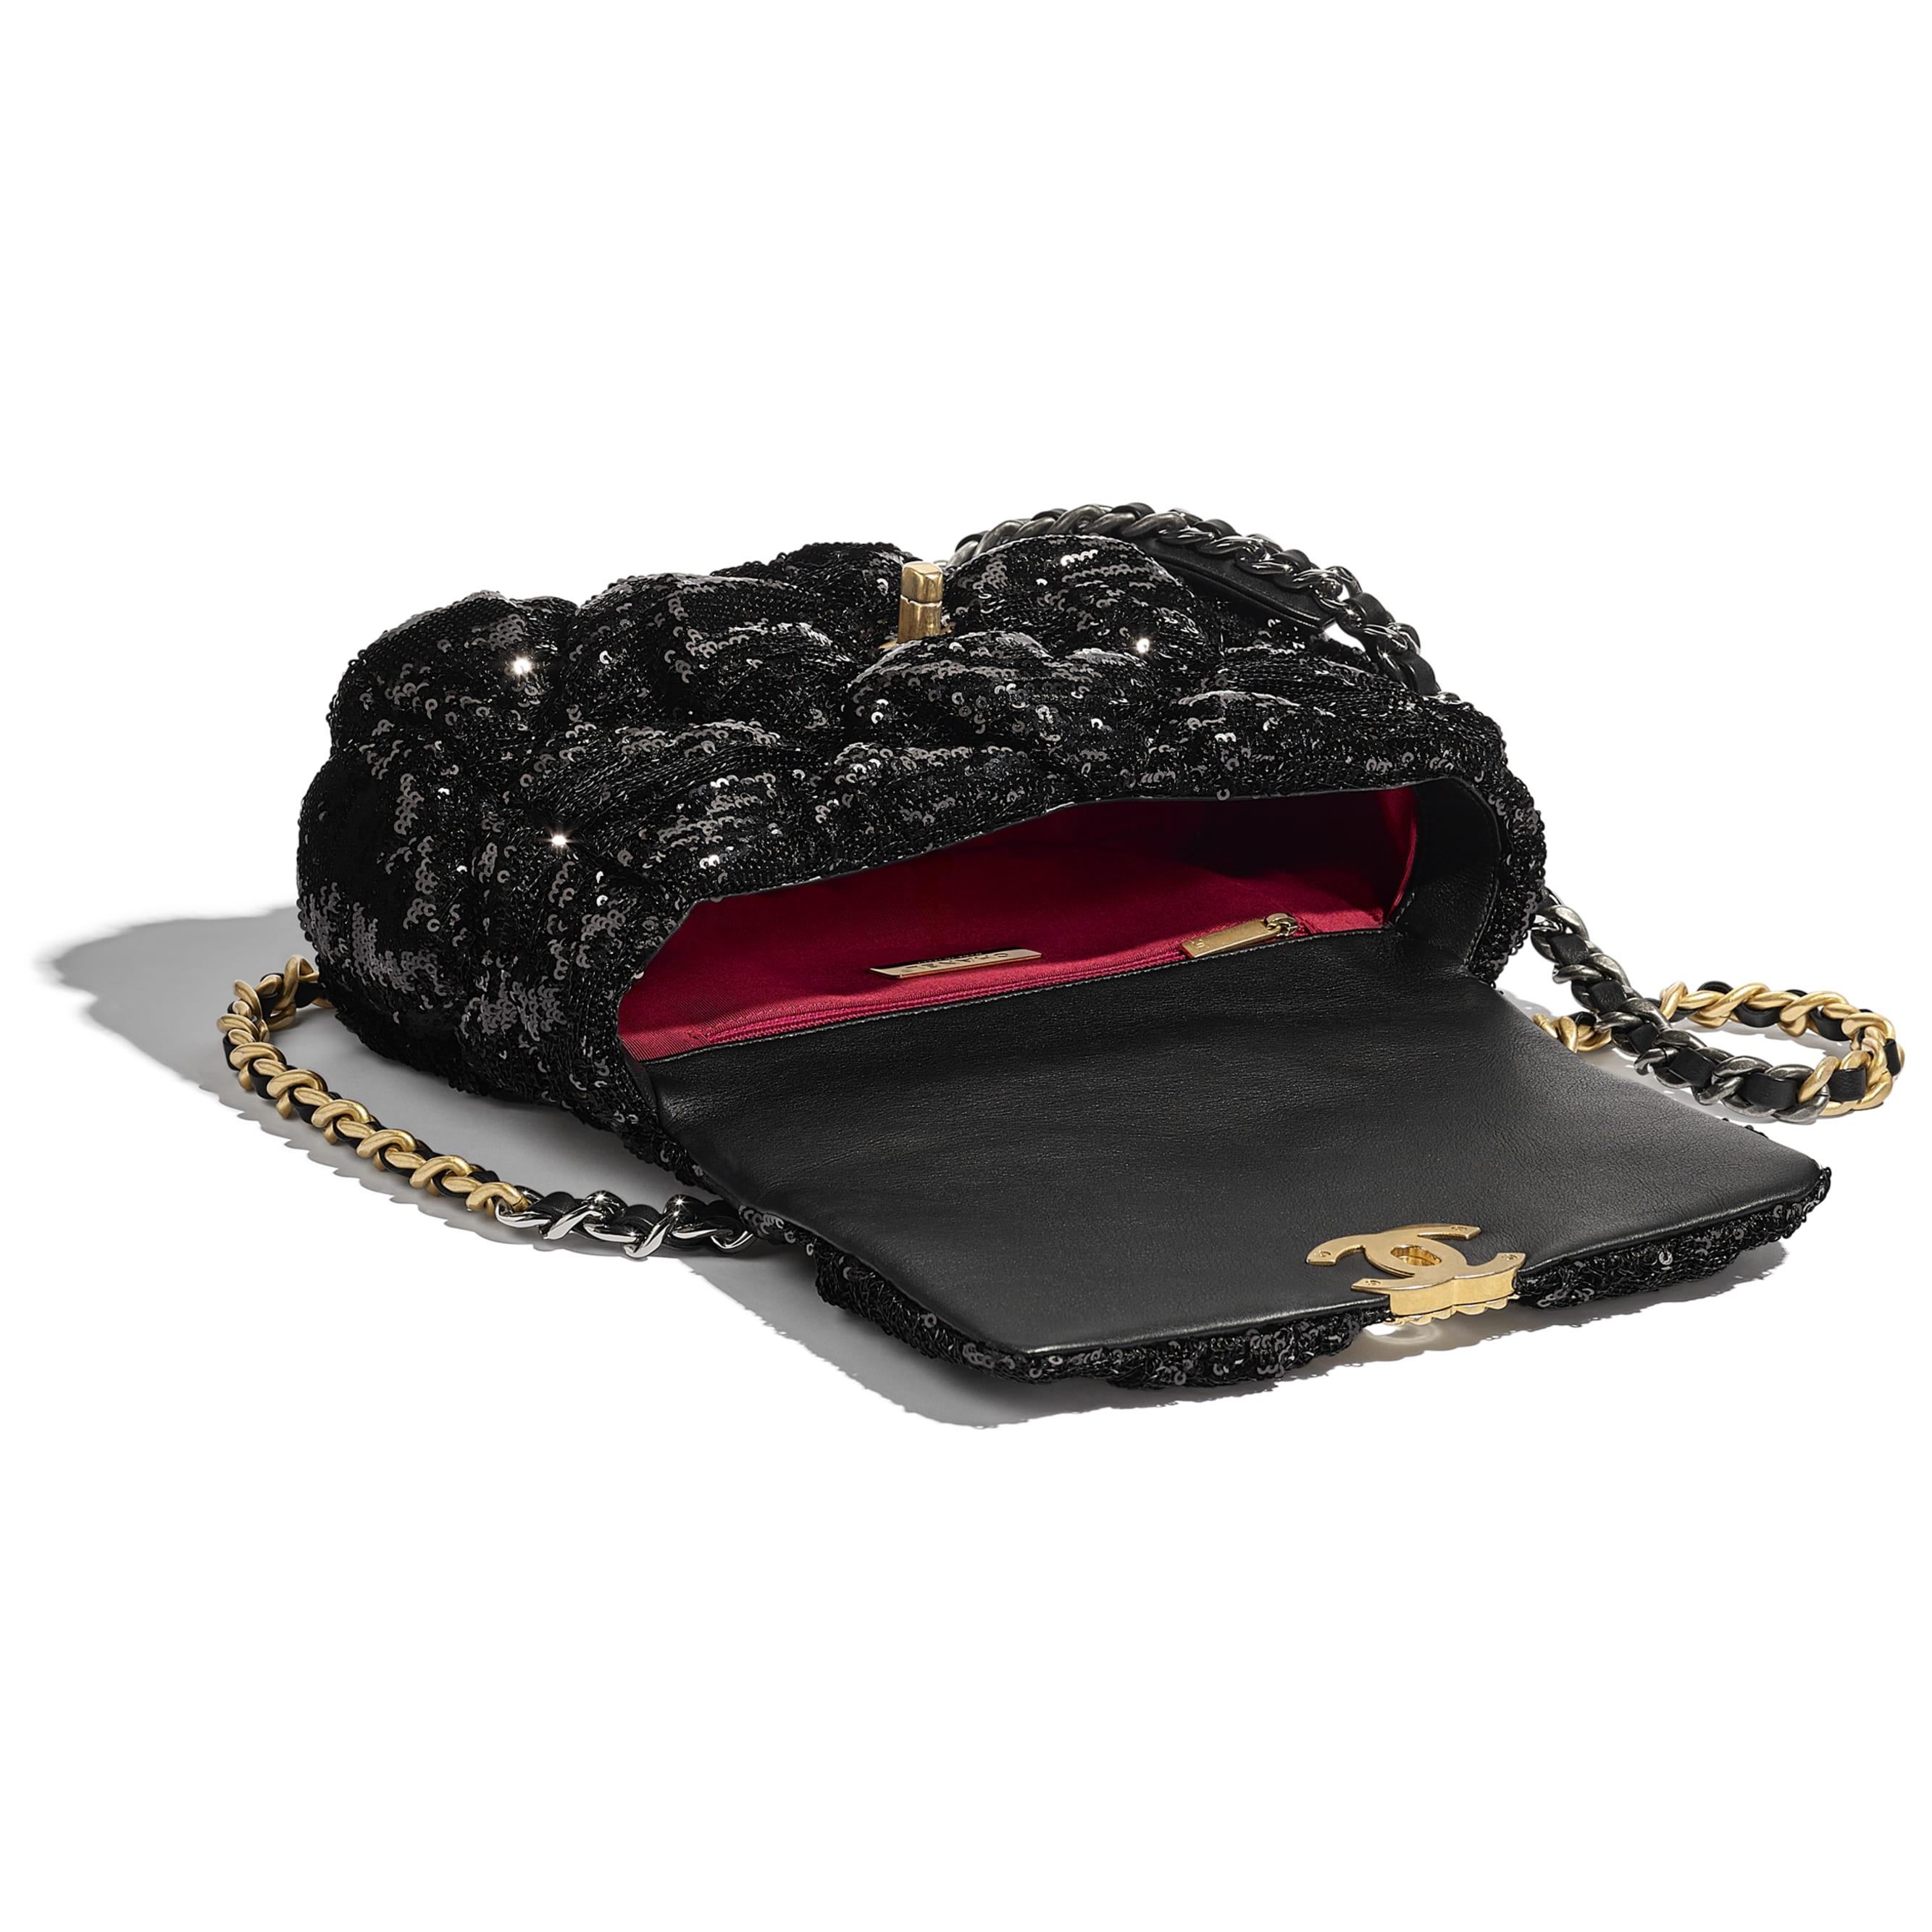 Bolsa CHANEL 19 - Black - Sequins, Gold-Tone, Siver-Tone & Ruthenium-Finish Metal - CHANEL - Outra vista - ver a versão em tamanho standard